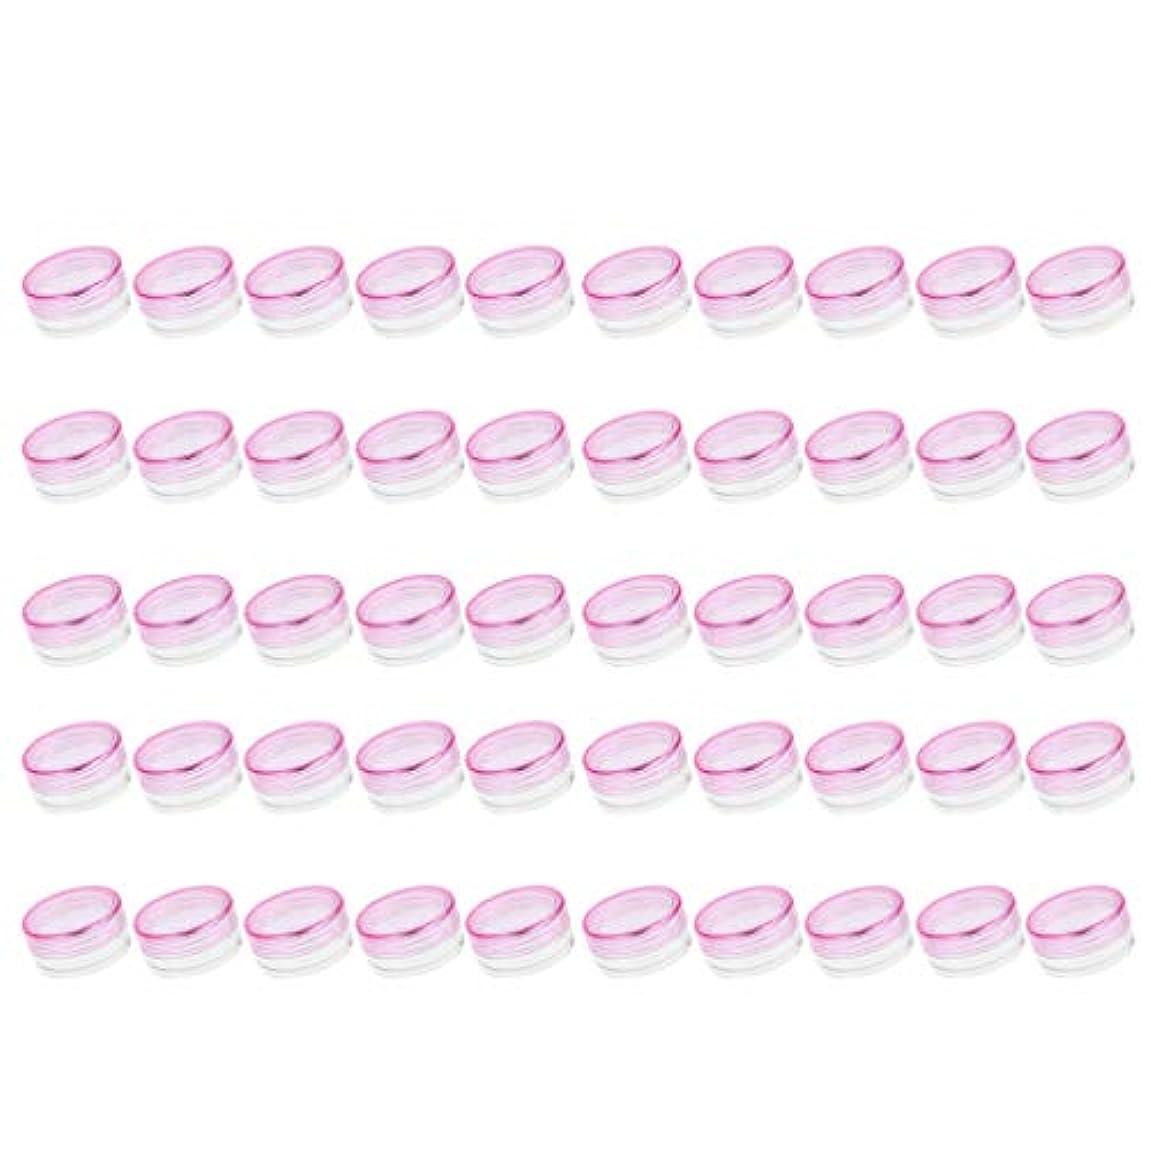 定説シロクマスナッチP Prettyia クリームジャー クリームケース 化粧品 小分け 詰替え 容器 約50個 - ピンク